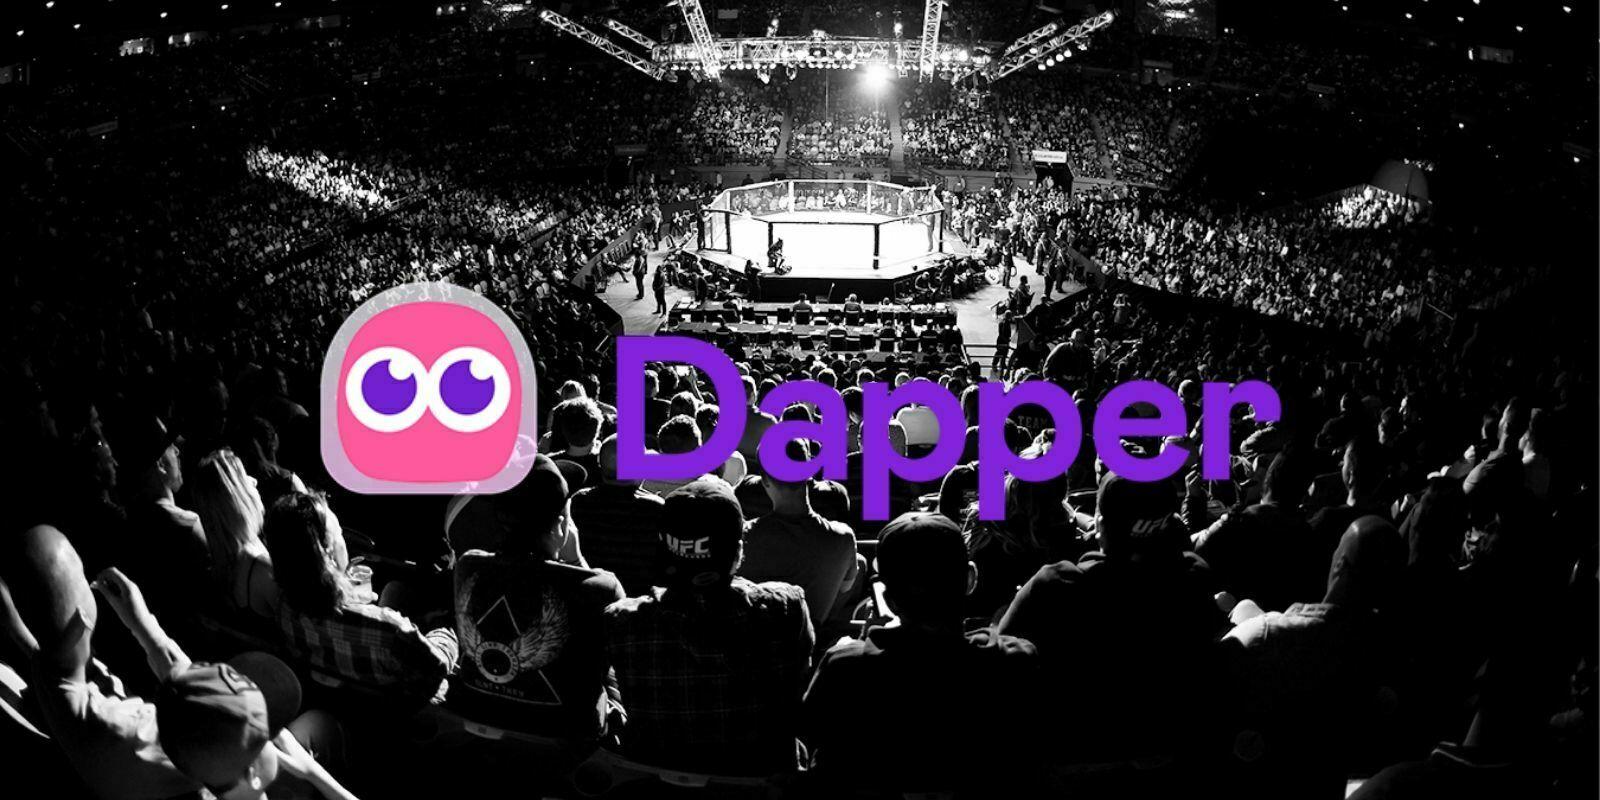 La startup Dapper Labs s'associe à l'UFC pour créer des crypto-collectibles